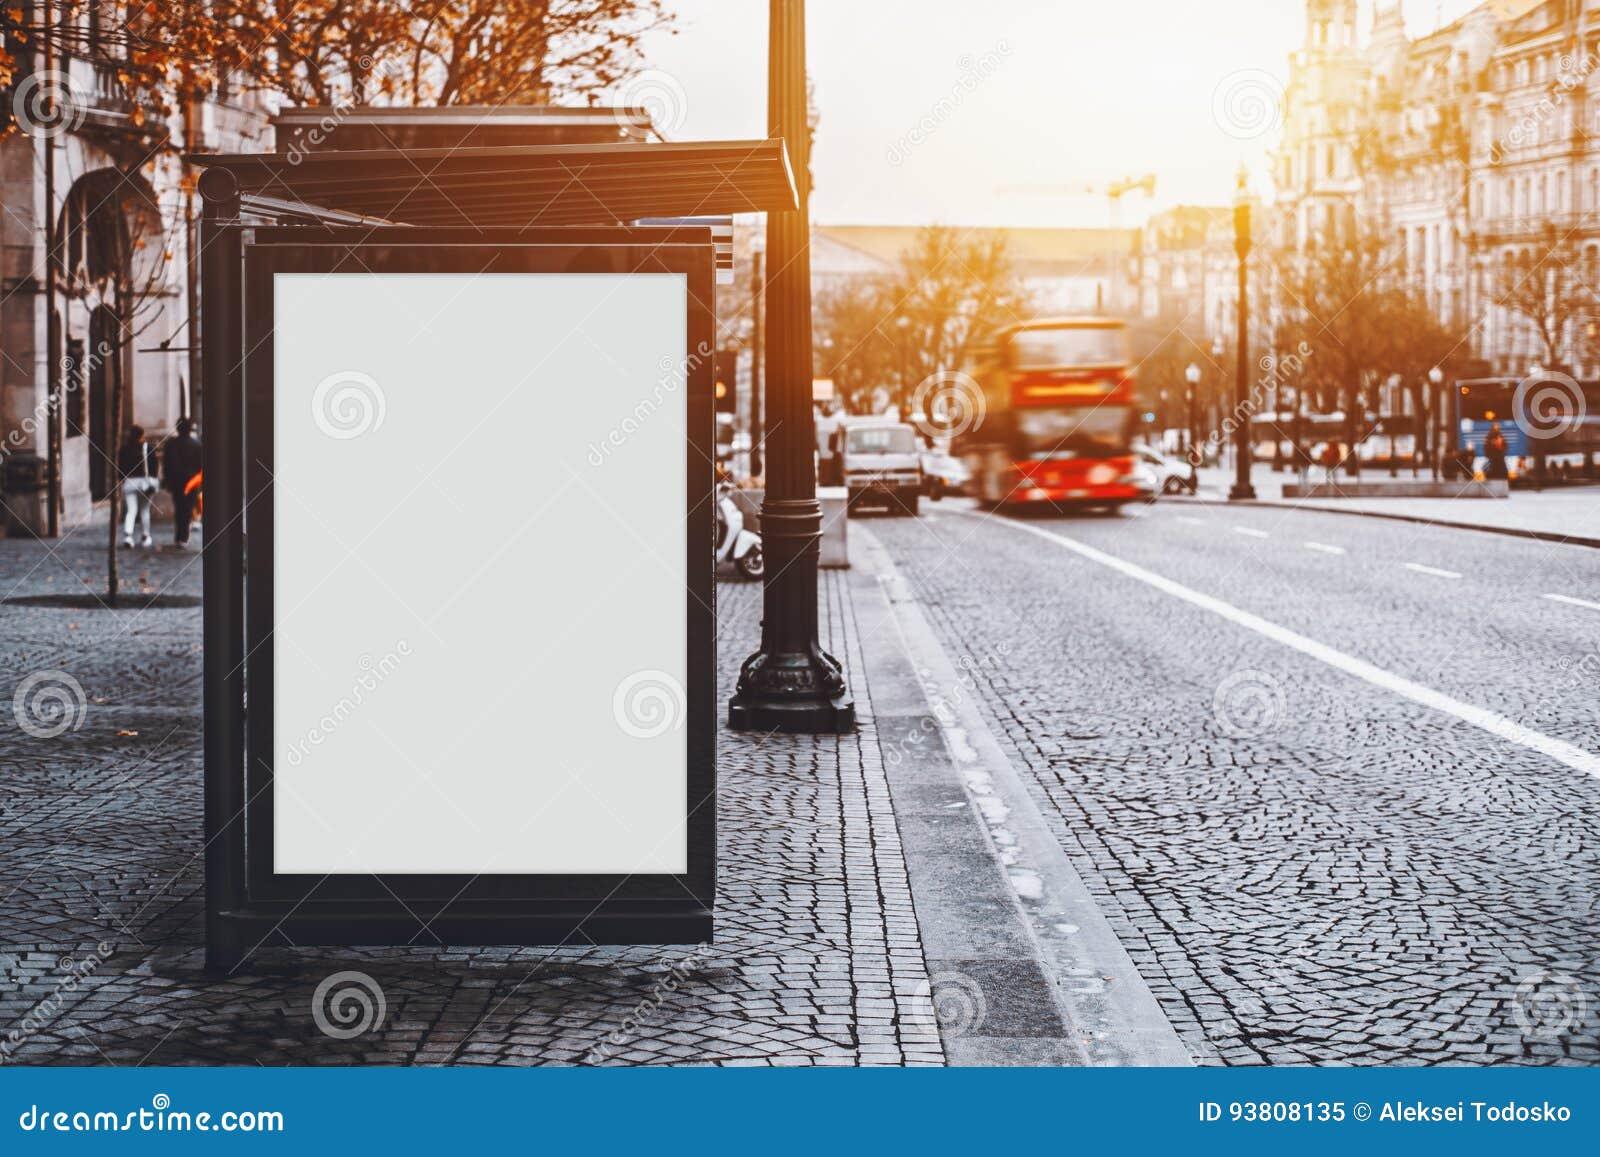 Modelo do quadro de avisos na parada do ônibus da cidade em Portugal